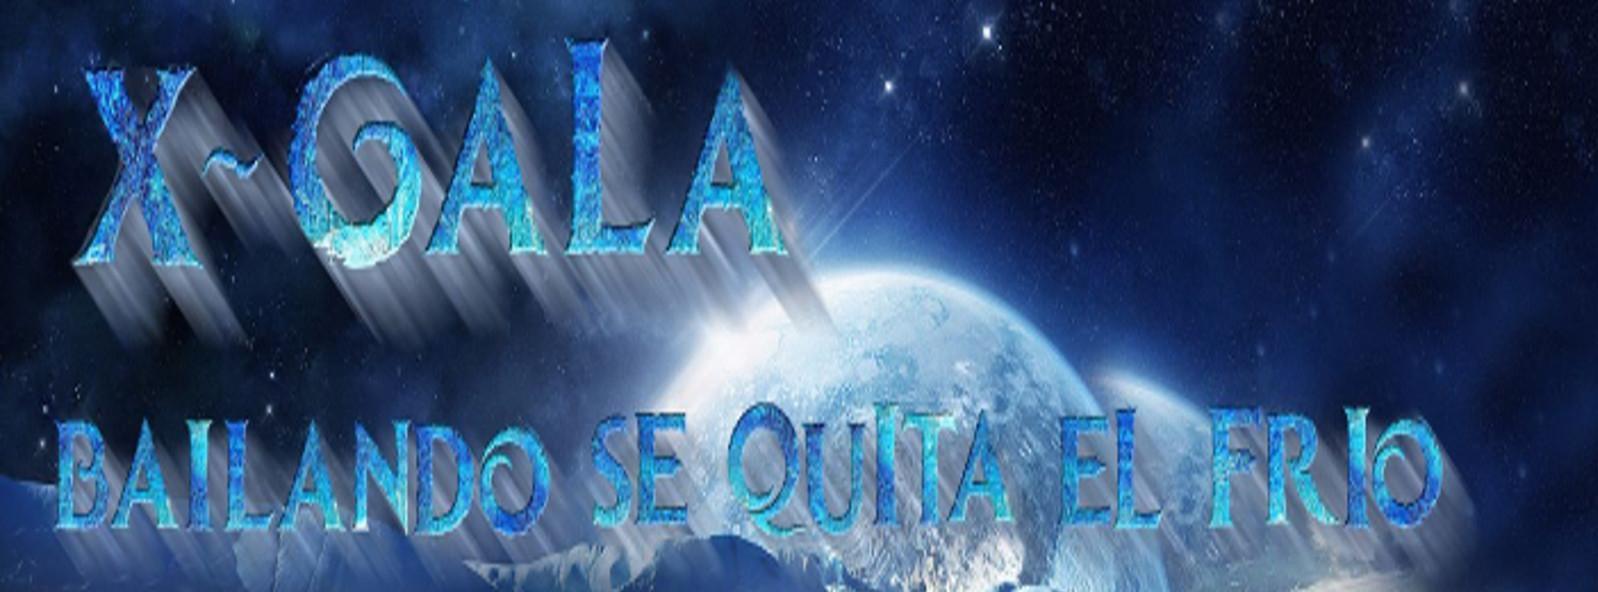 """X GALA """"BAILANDO SE QUITA EL FRÍO"""""""